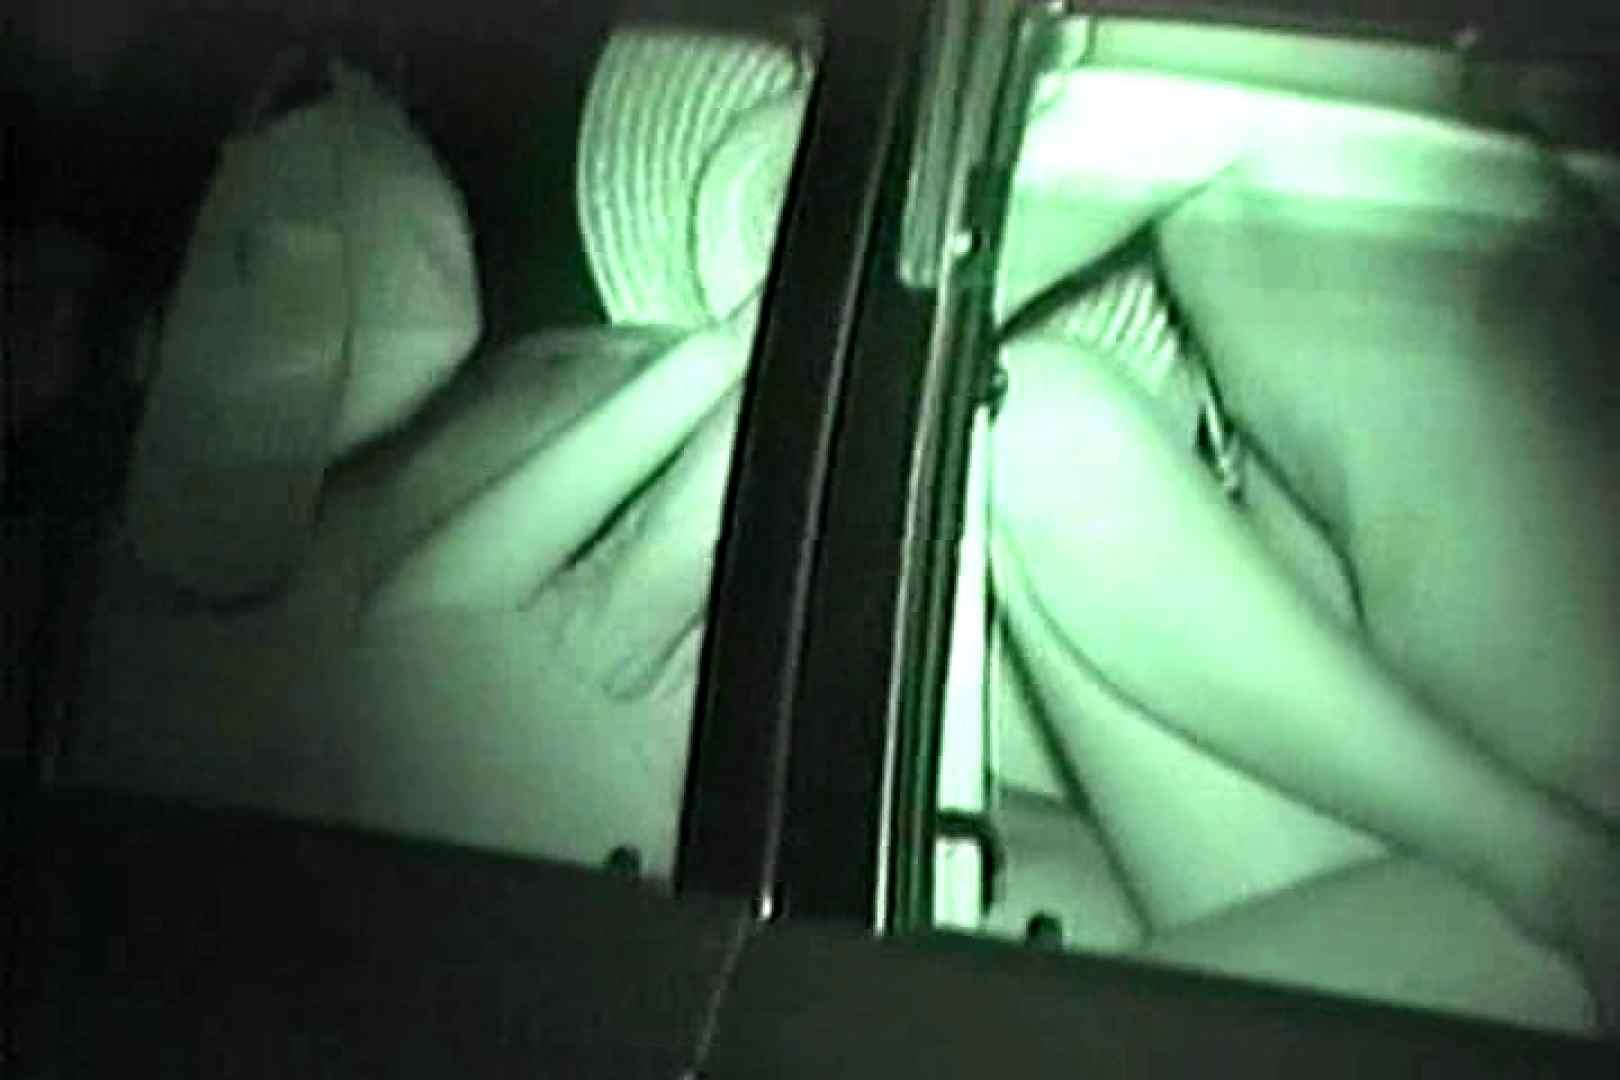 車の中はラブホテル 無修正版  Vol.9 車 オマンコ動画キャプチャ 88連発 58